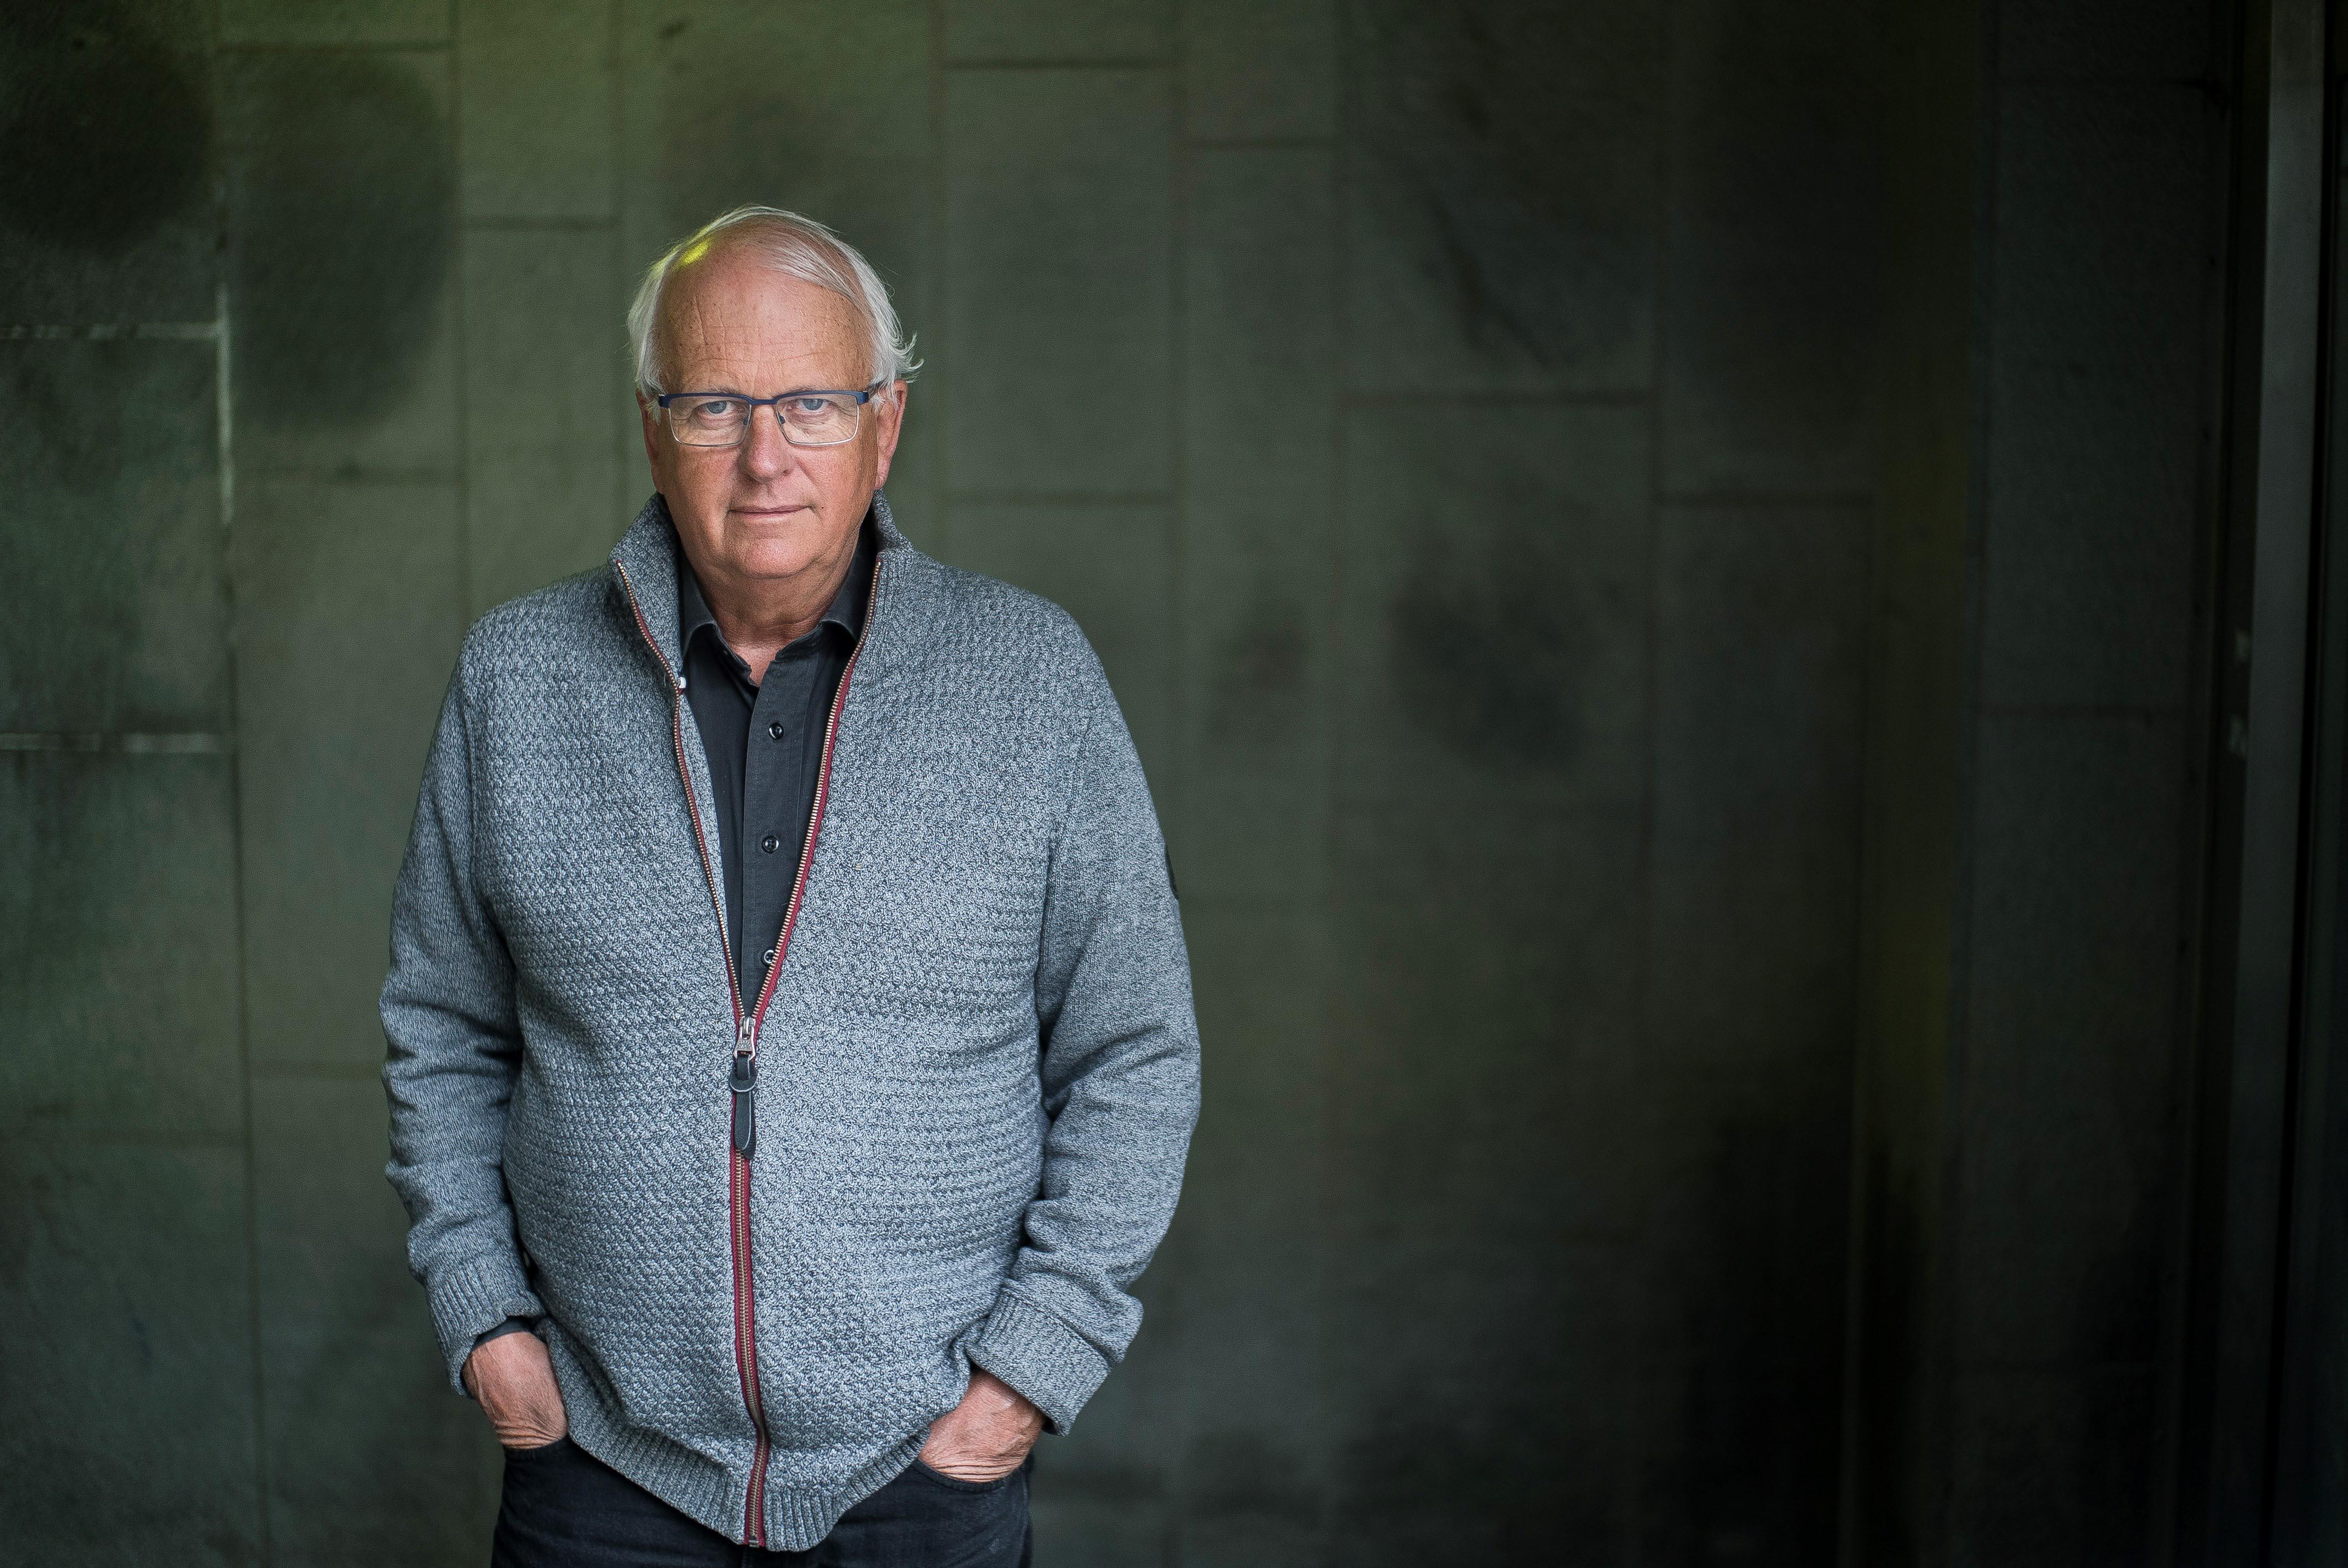 VÅGSBYGD: Eivind Skeie Kommer Til Vågsbygd Kirke 1. November.